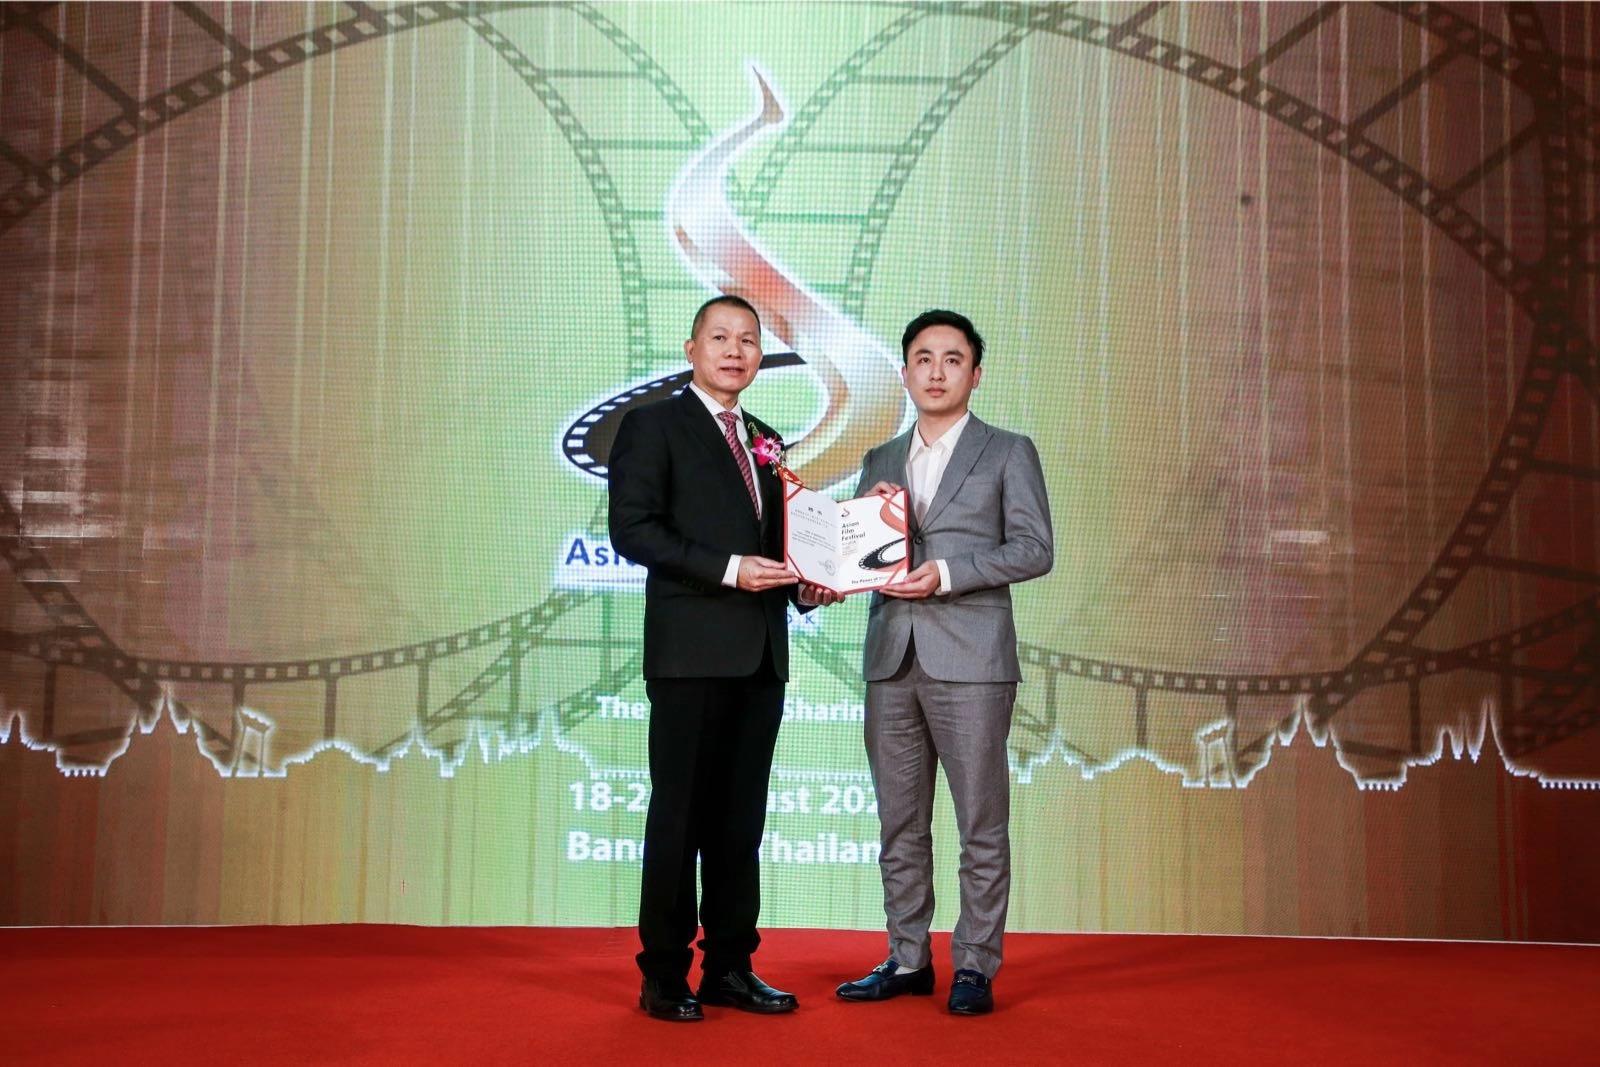 首届亚洲电影节2020年8月曼谷举办 徐峥担任中泰电影推广大使